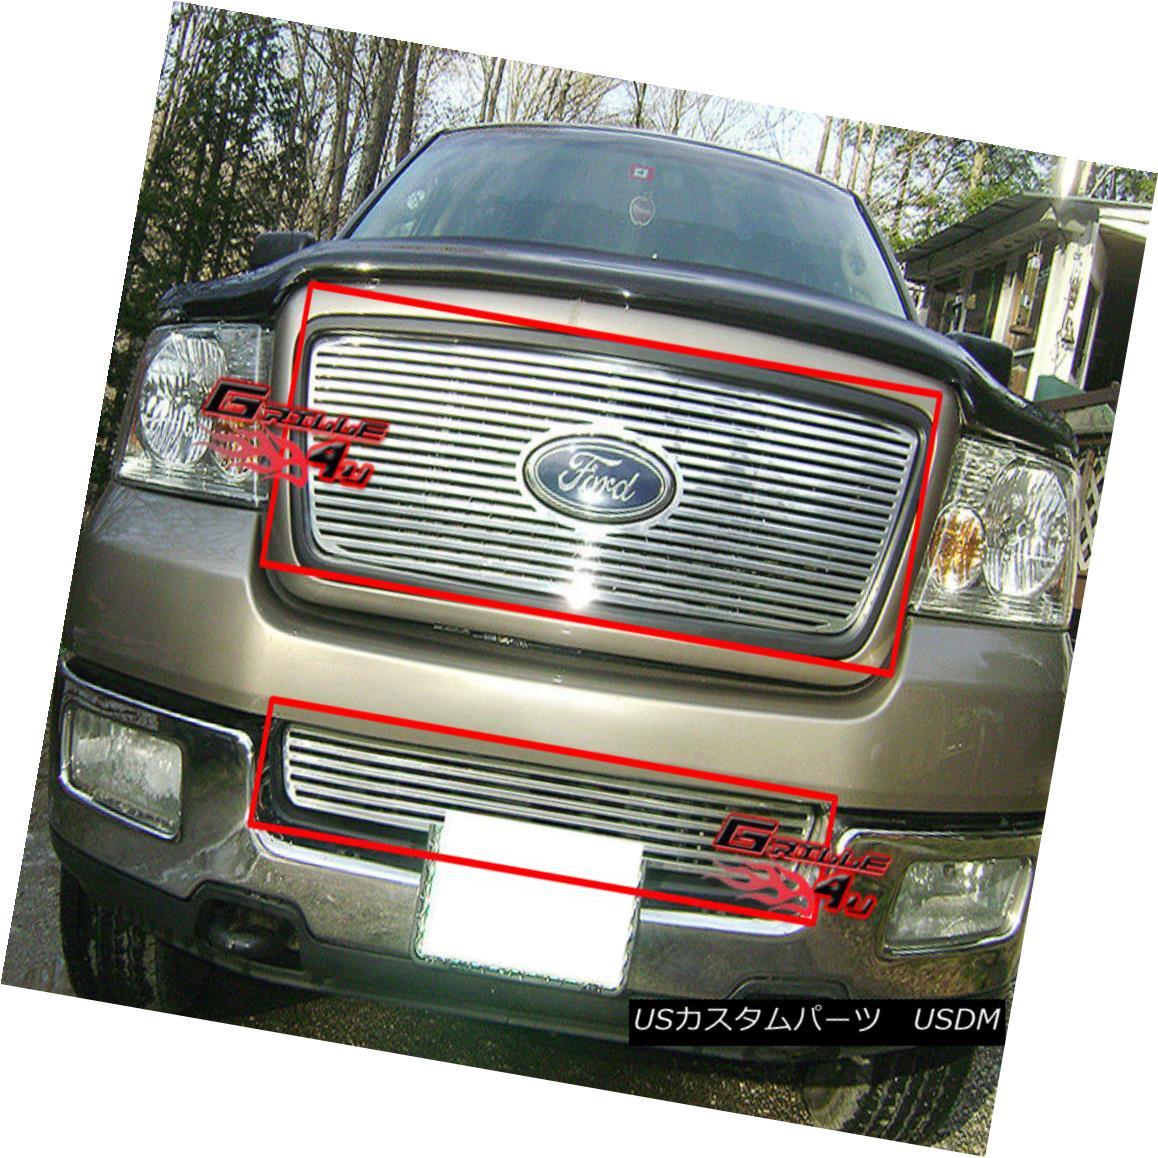 グリル Custom Fits 04-05 Ford F150 Honeycomb Perimeter Billet Grill Combo Custom Fits 04-05フォードF150ハニカムペリメータービレットグリルコンボ